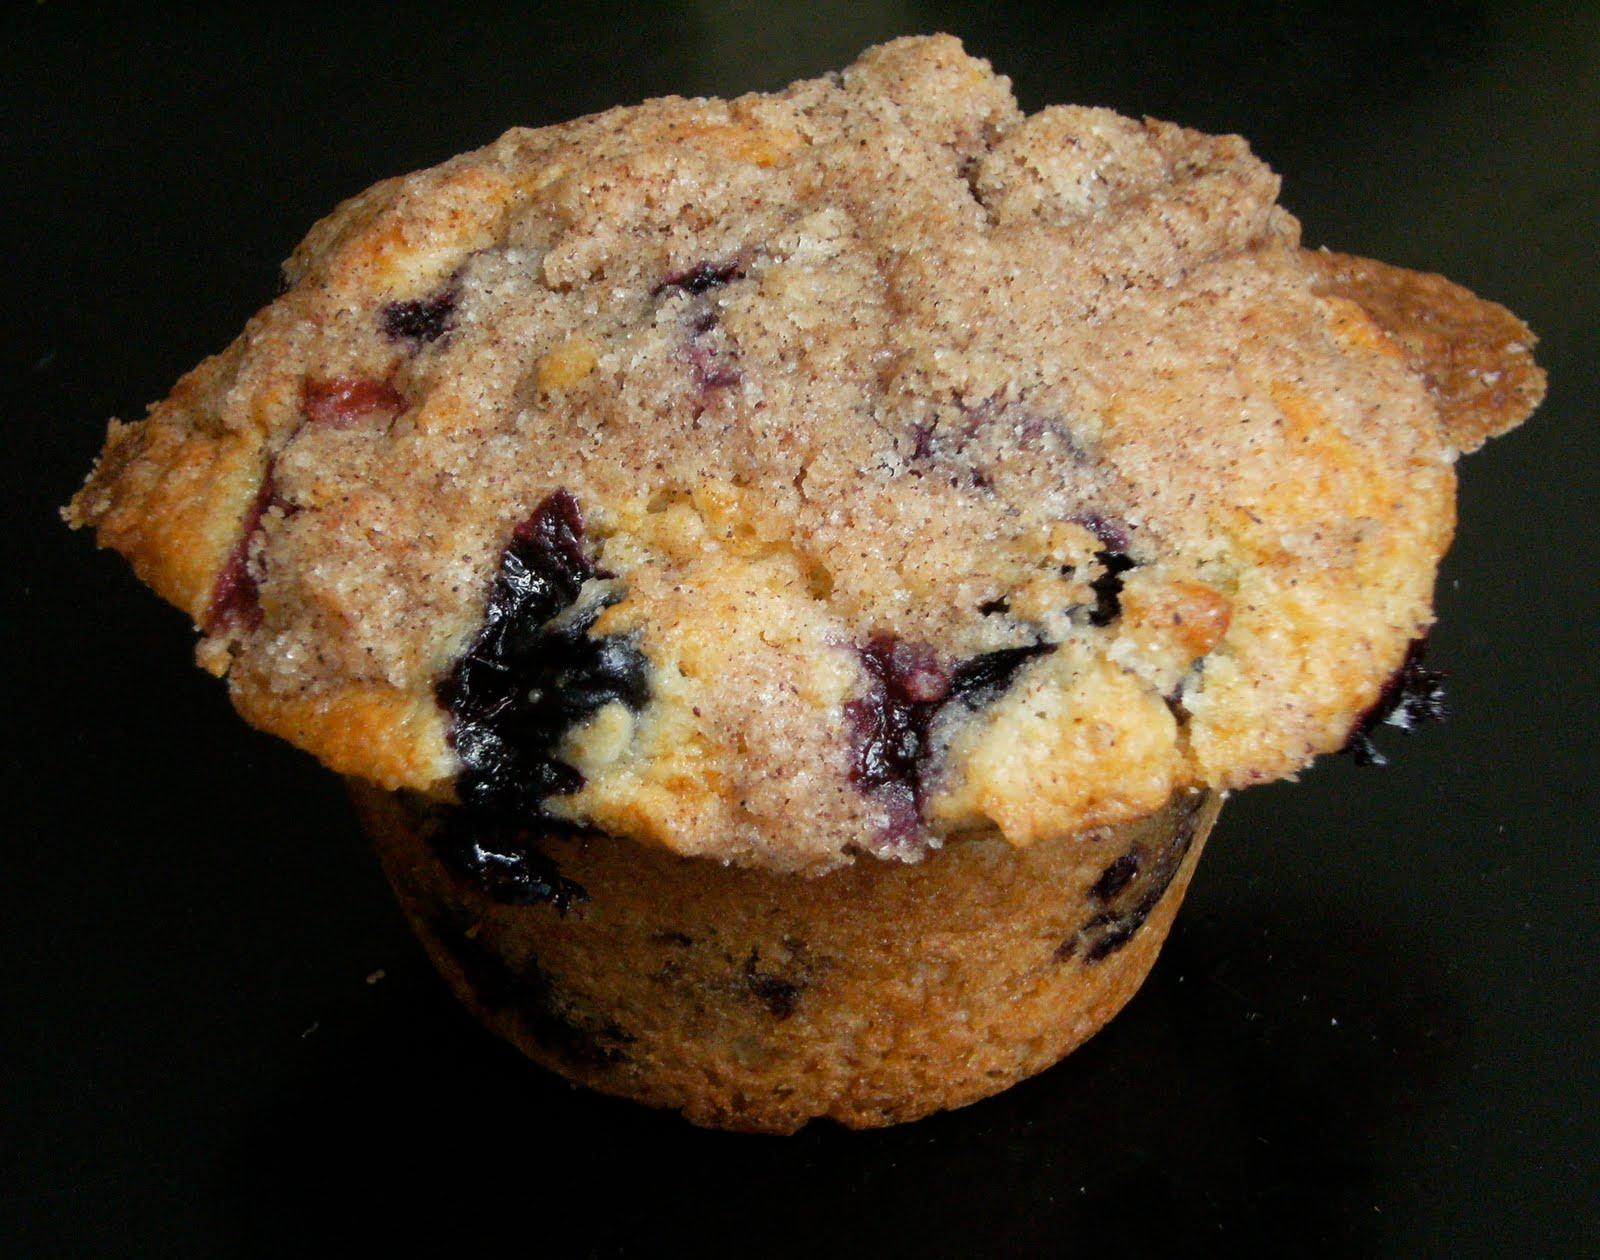 My Retro Kitchen: To Die For Blueberry Muffins